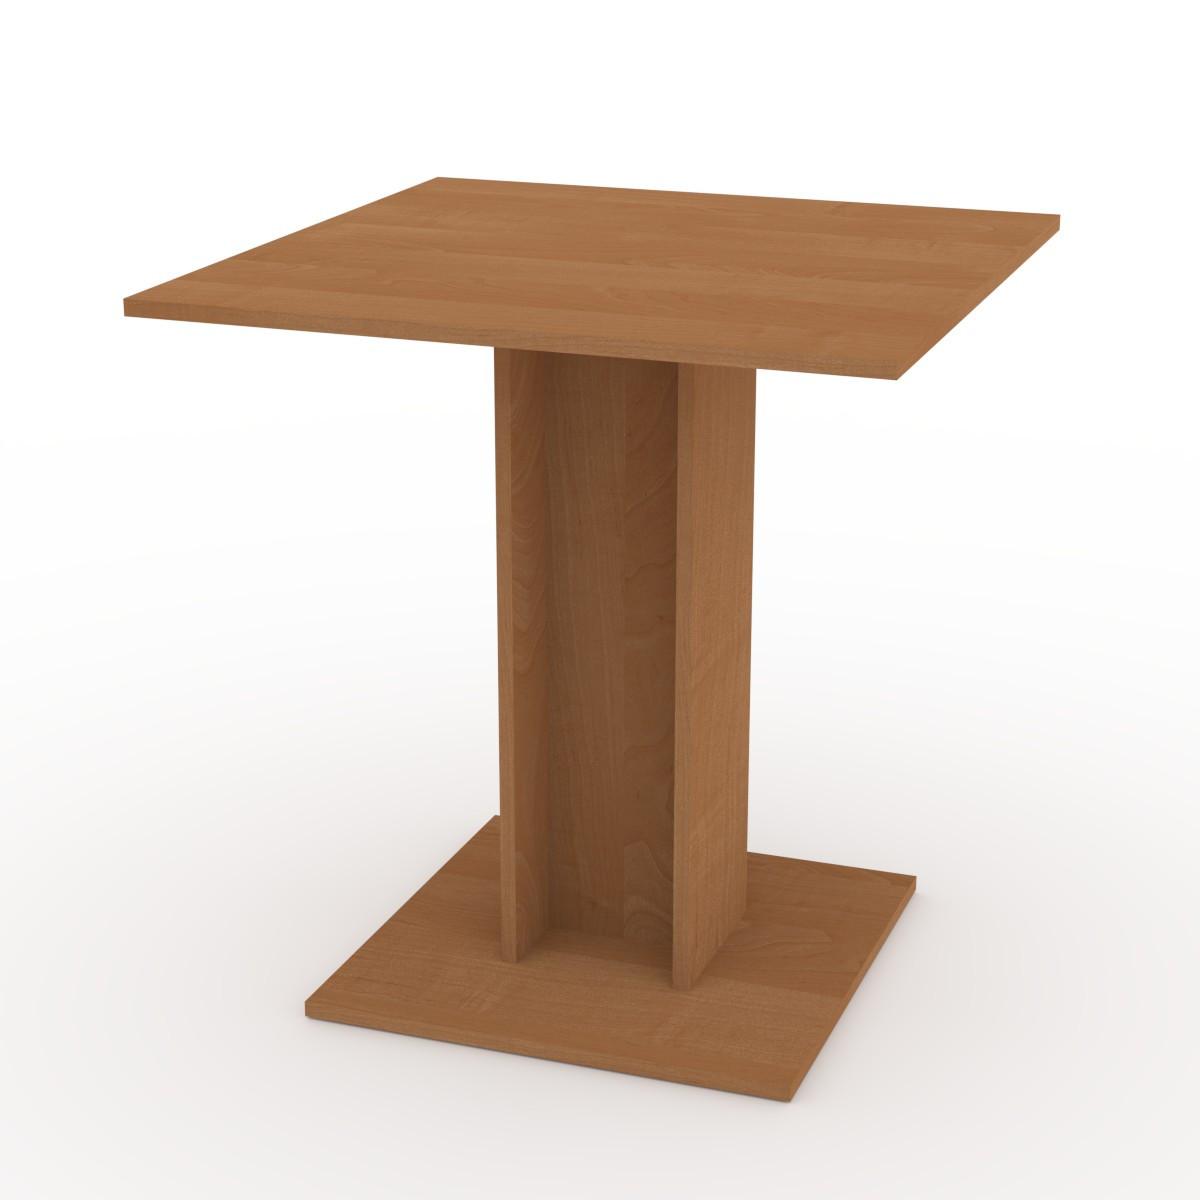 Стол кухонный КС-7 ольха Компанит (70х70х74 см)